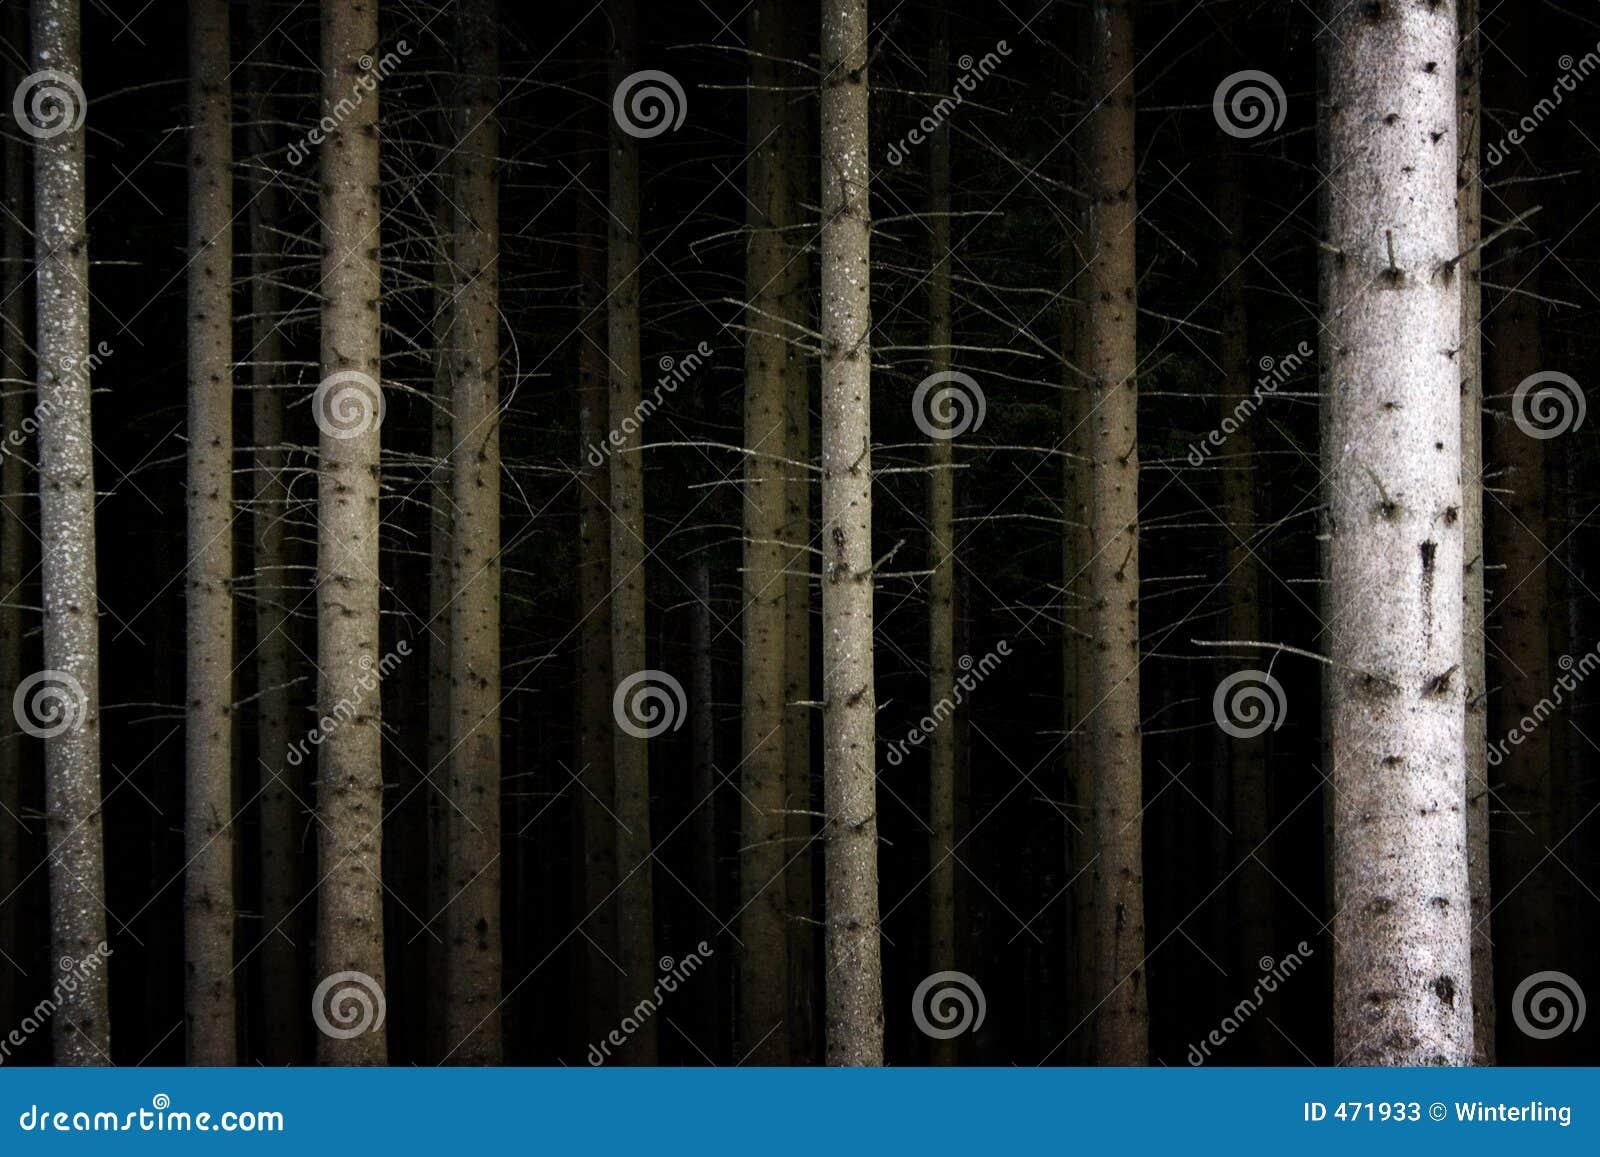 Deep Dark Forest